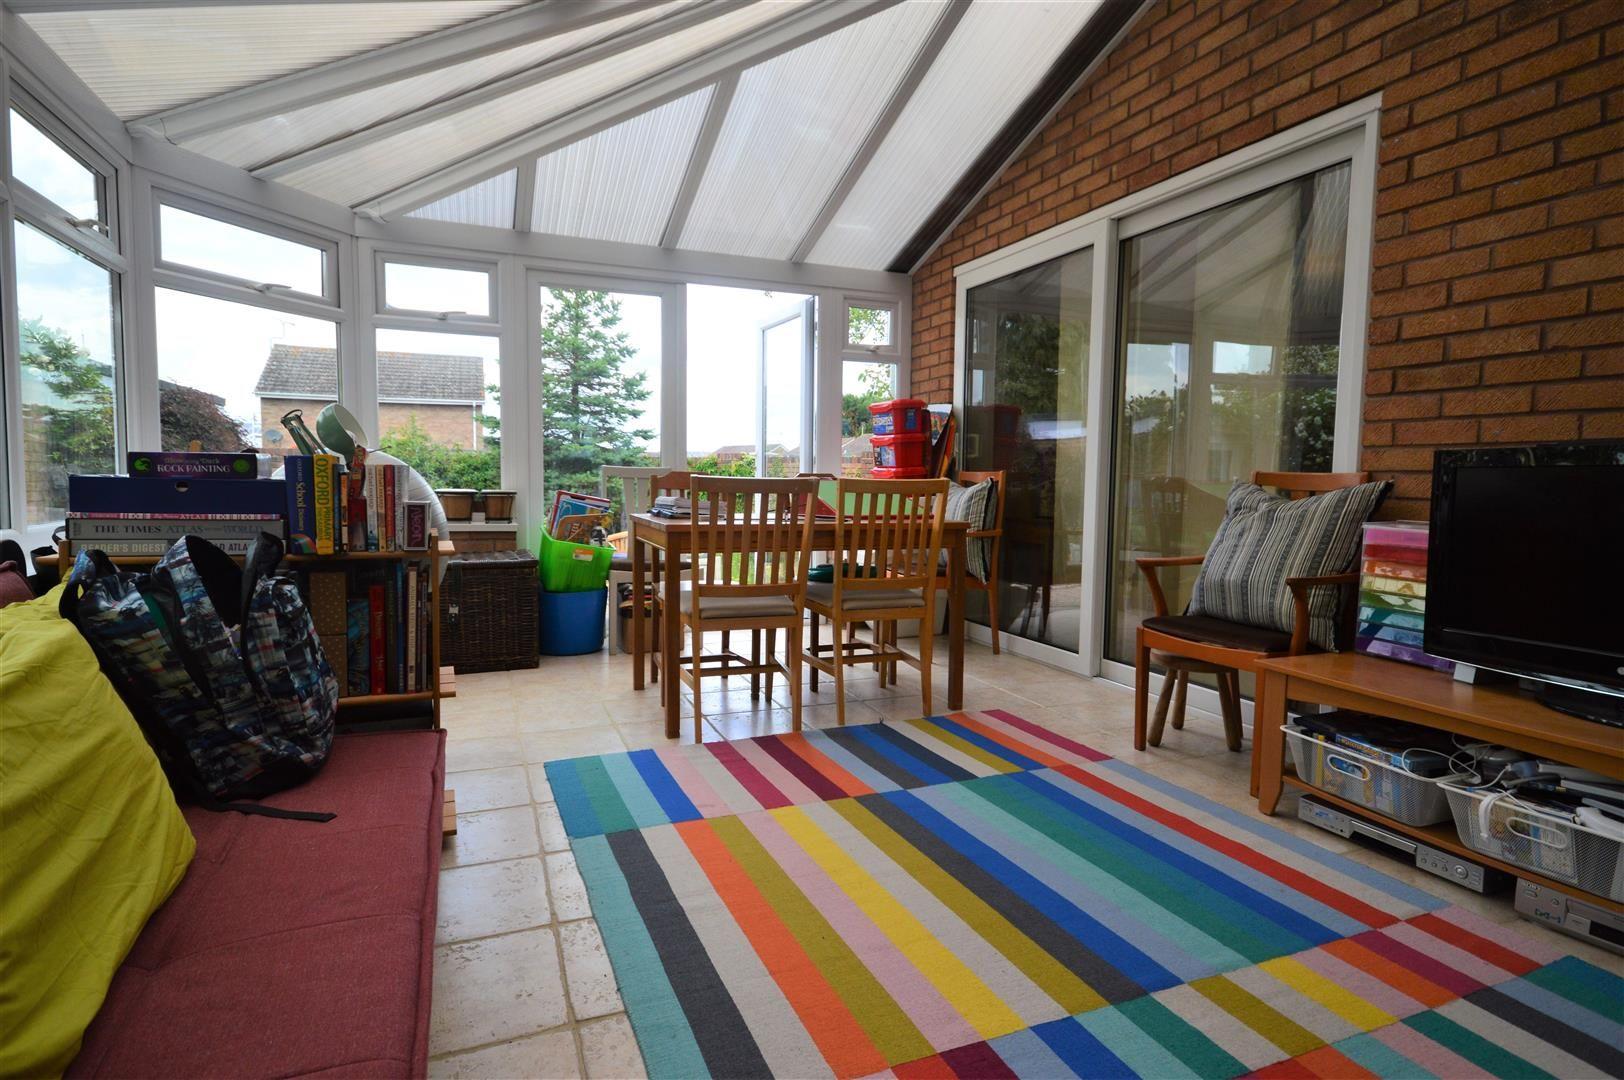 4 bed detached for sale in Bromyard  - Property Image 7